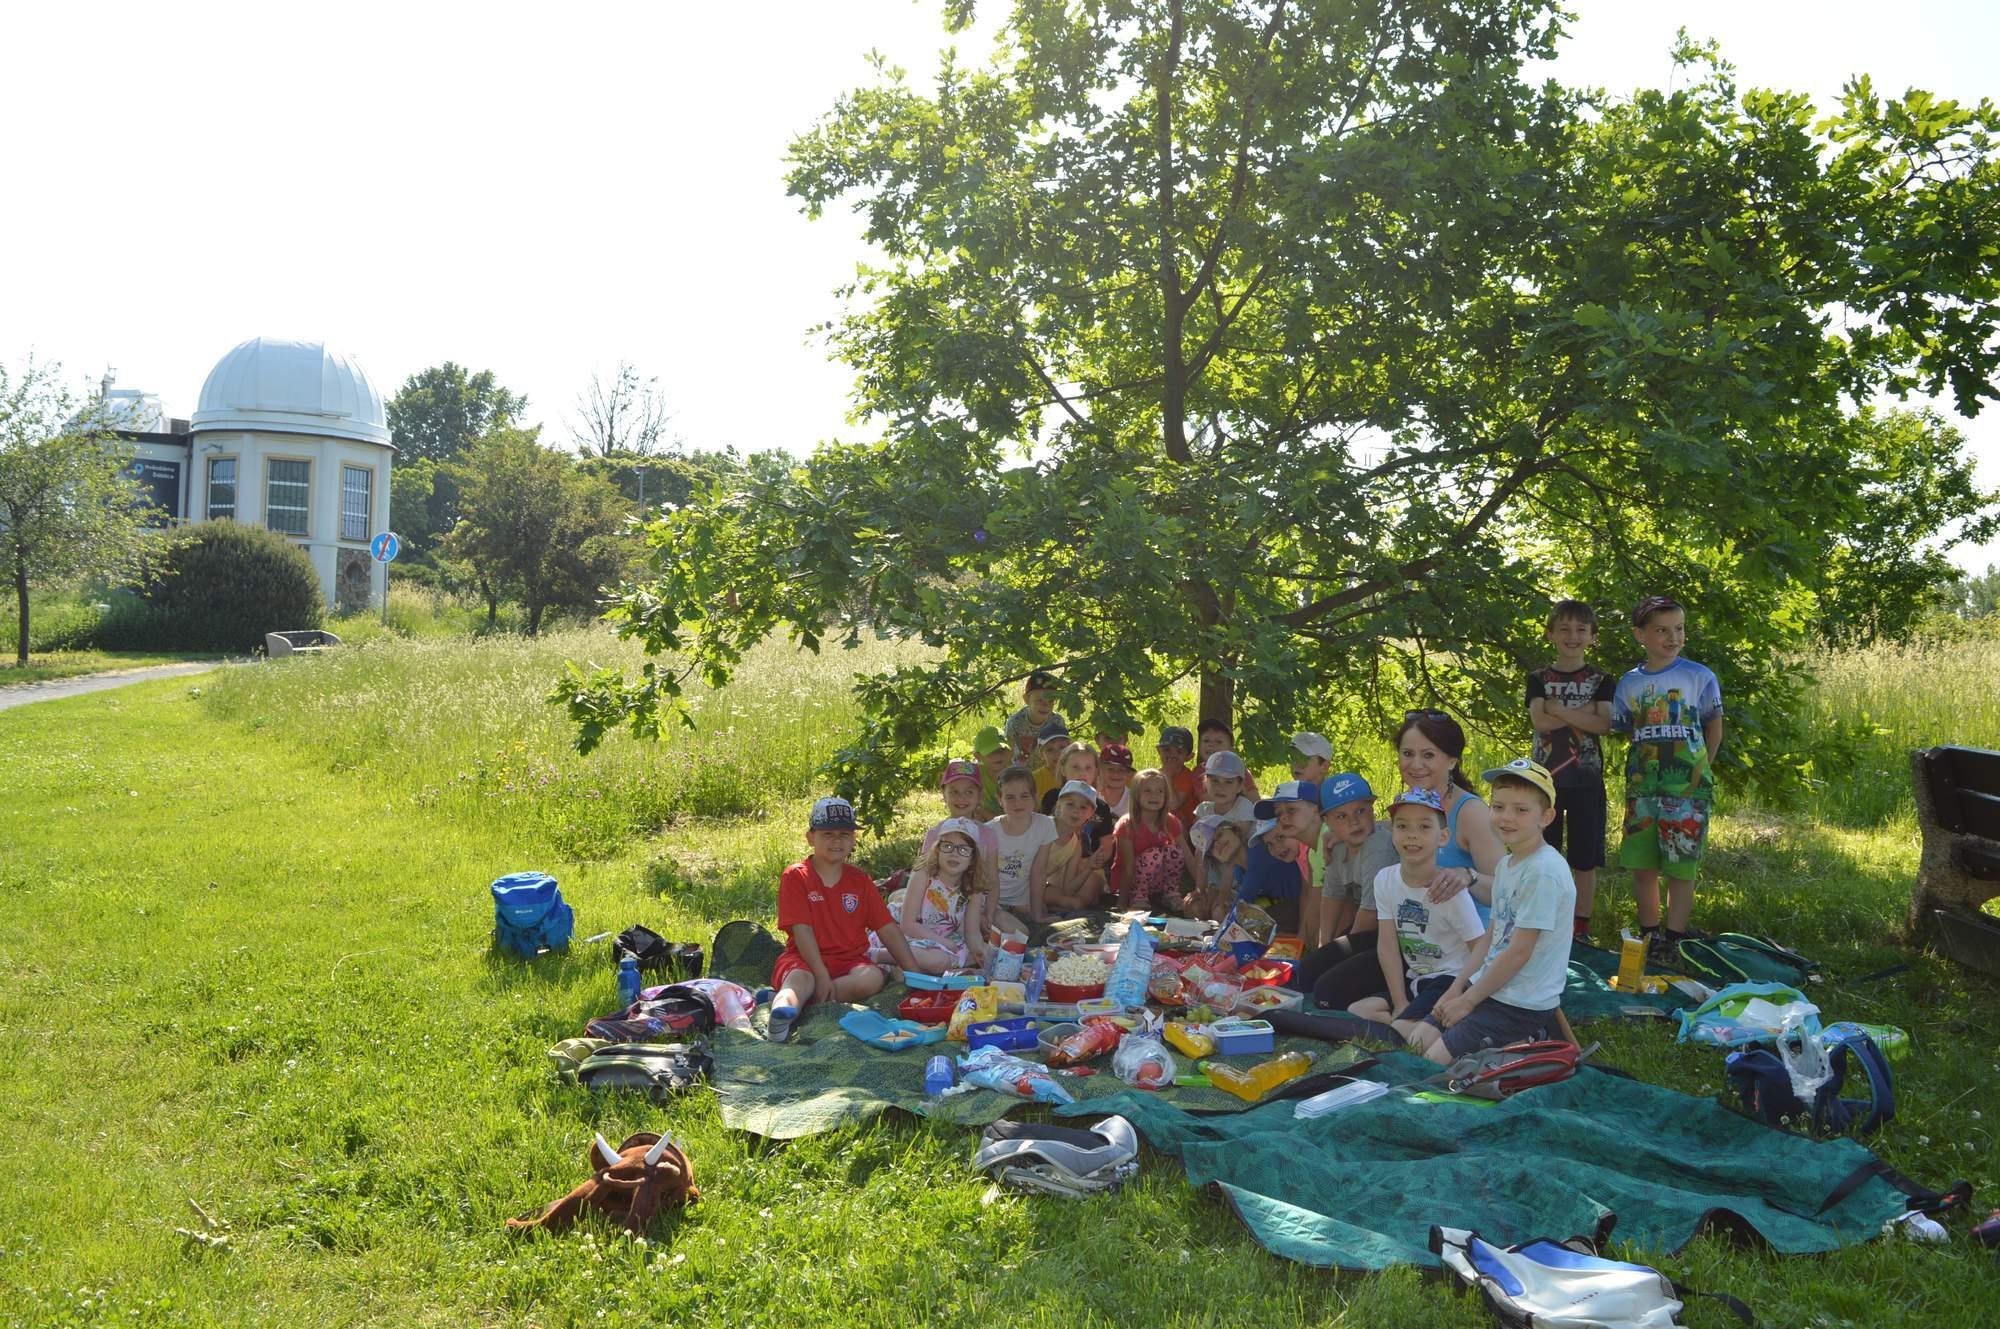 děti v přírodě na pikniku